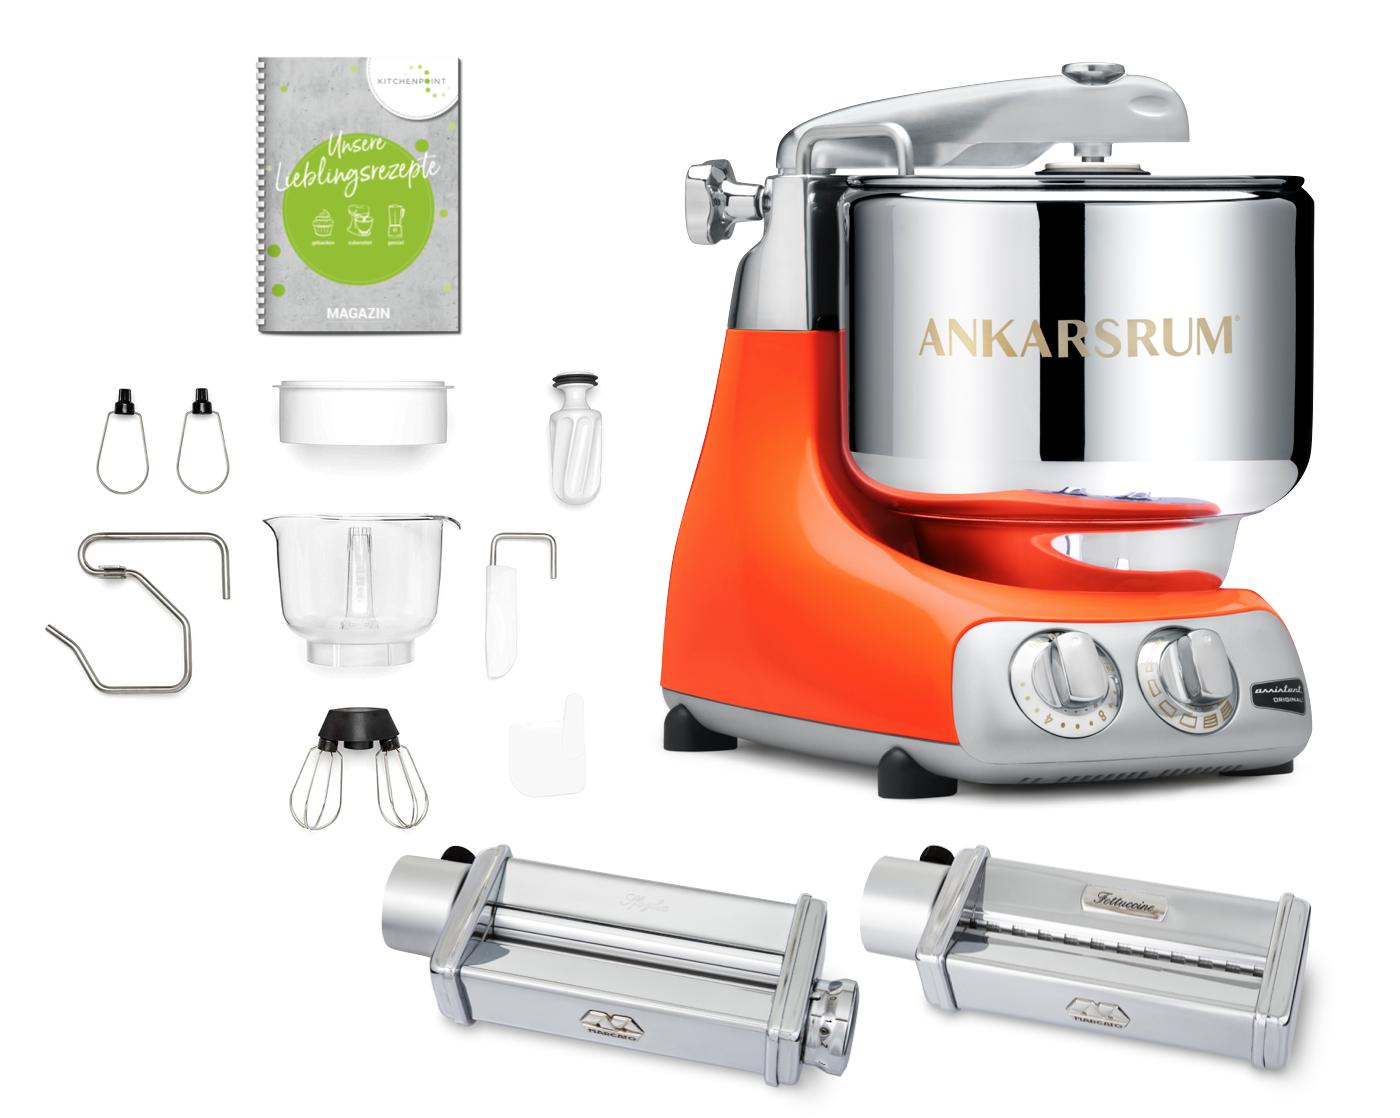 Ankarsrum Küchenmaschine Assistent Pure Orange - Pasta Set